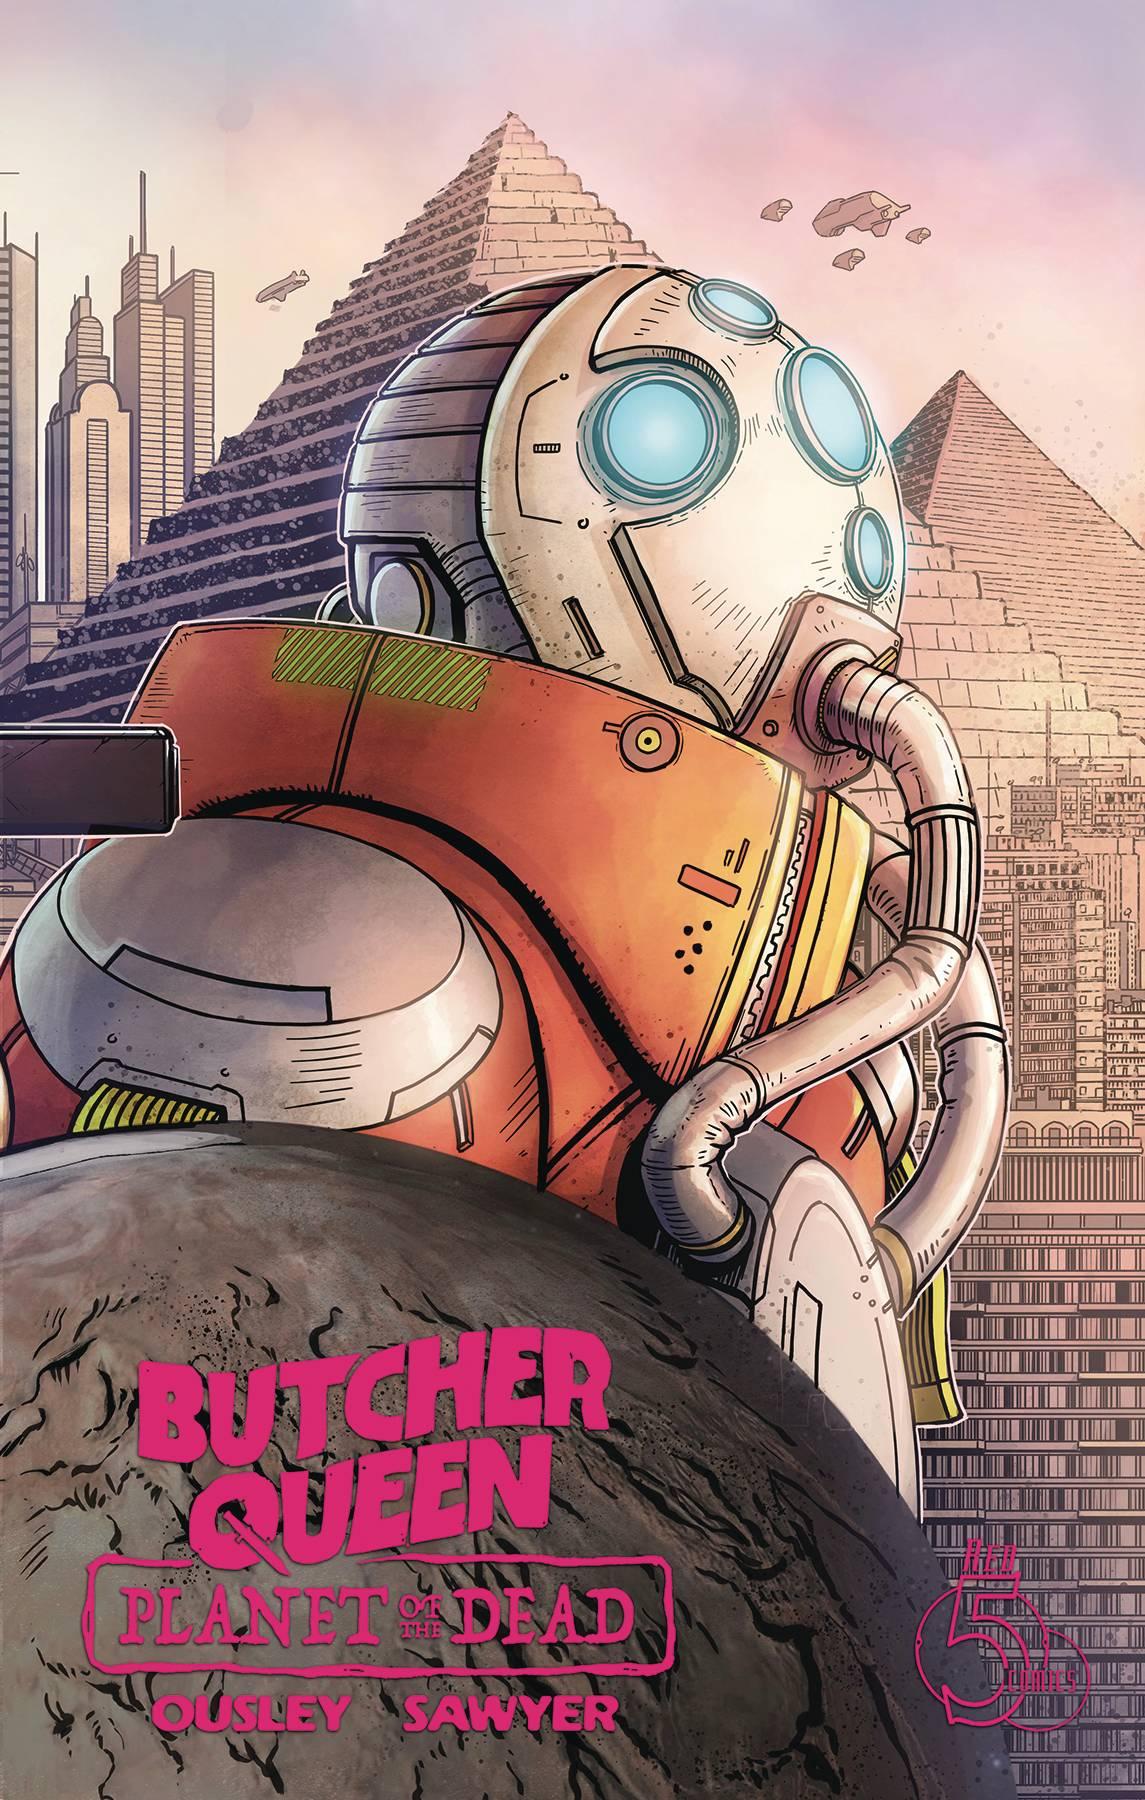 BUTCHER QUEEN PLANET OF THE DEAD